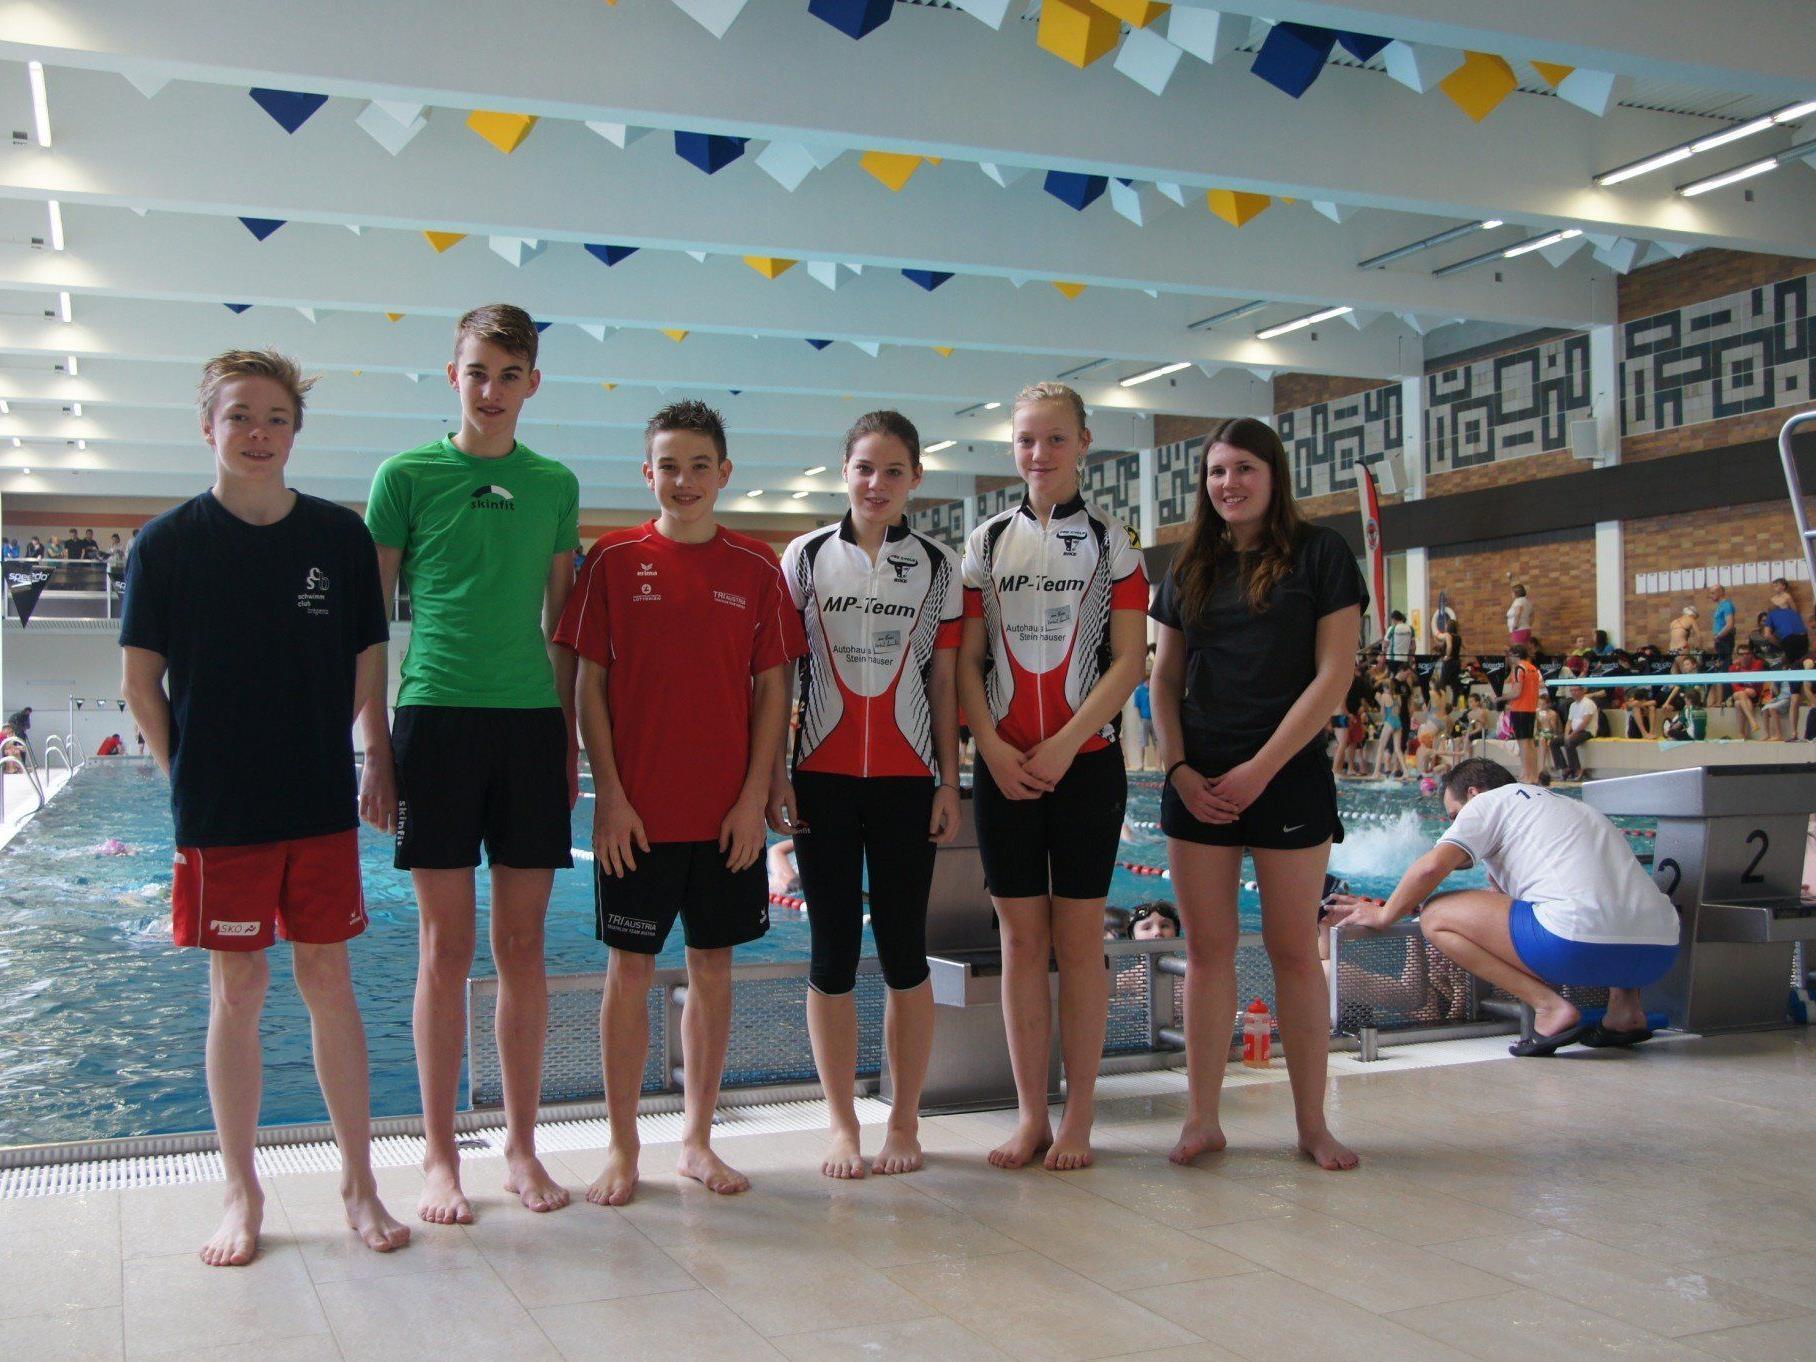 Starker Auftritt der Jungathleten vom MP Dornbirn beim Aquathlon in Linz.